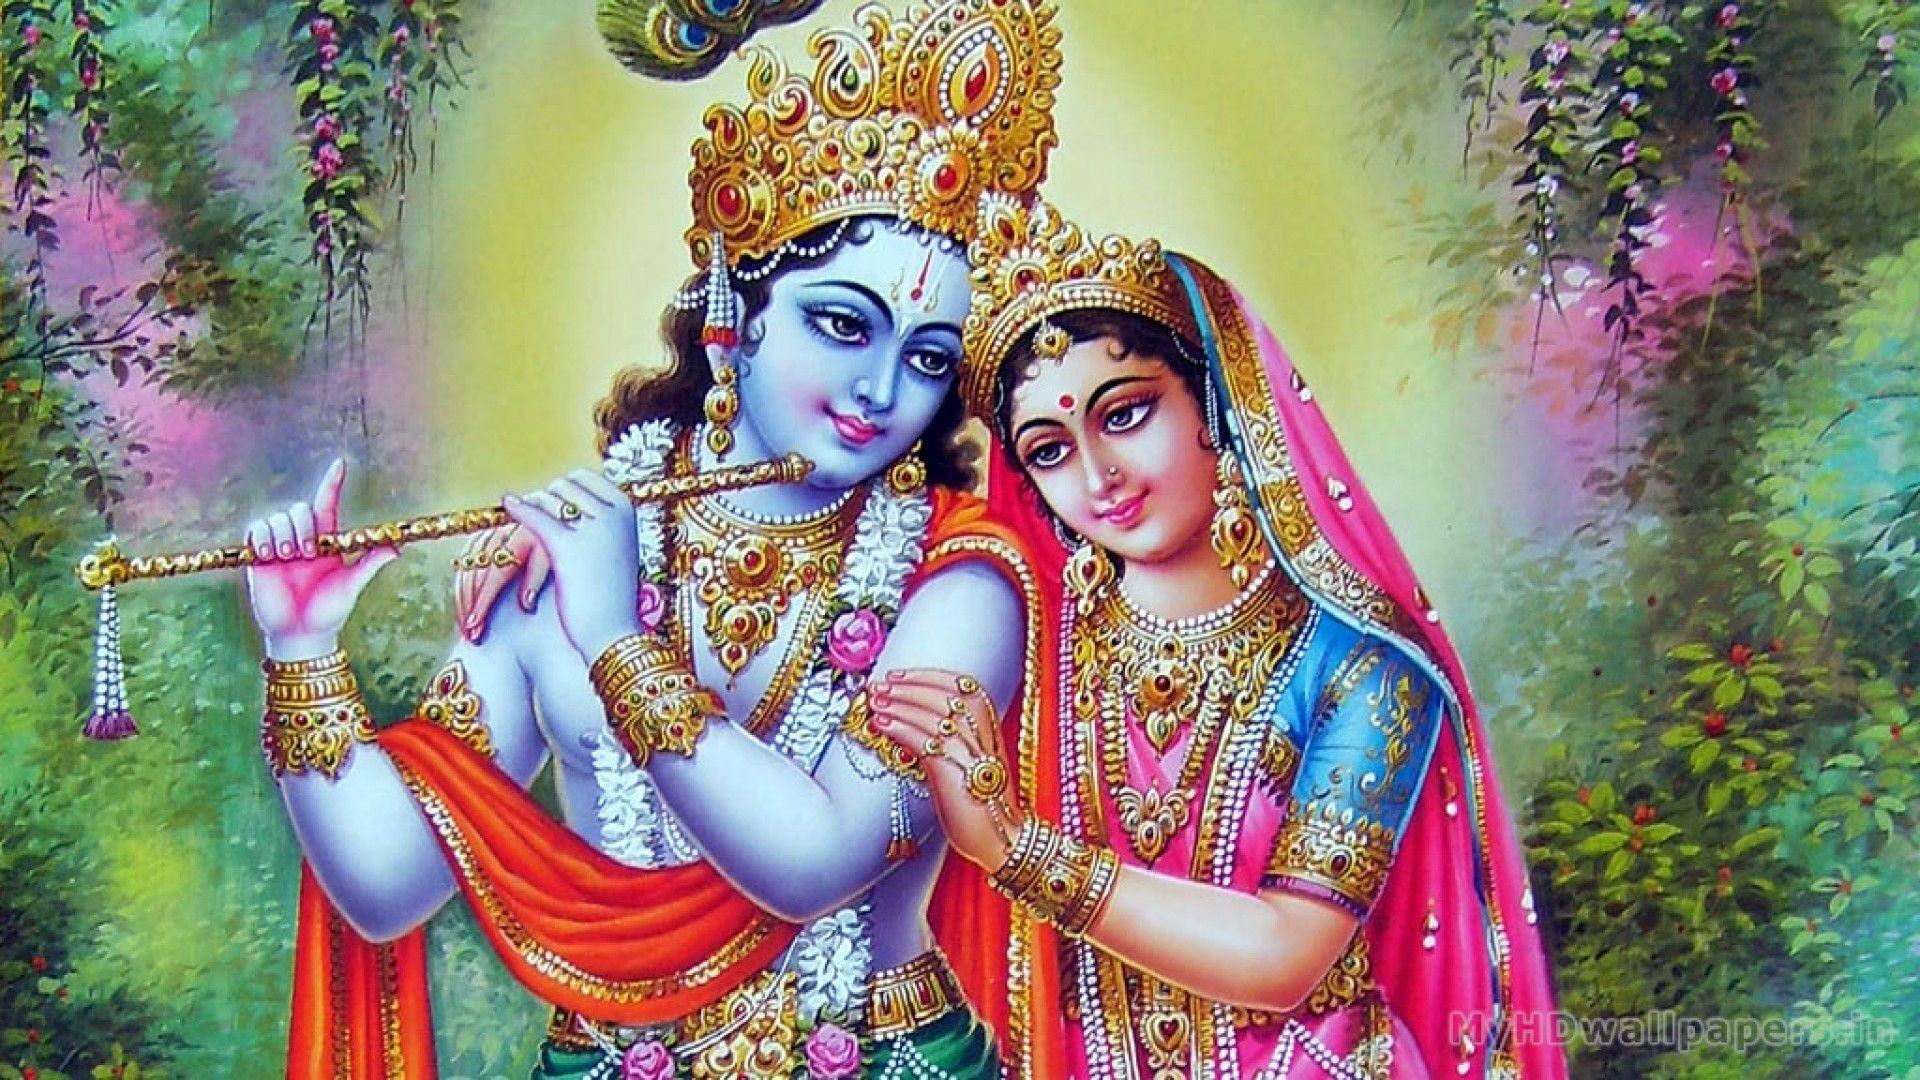 radha krishna wallpapers hd 3d full size wallpaper cave radha krishna wallpapers hd 3d full